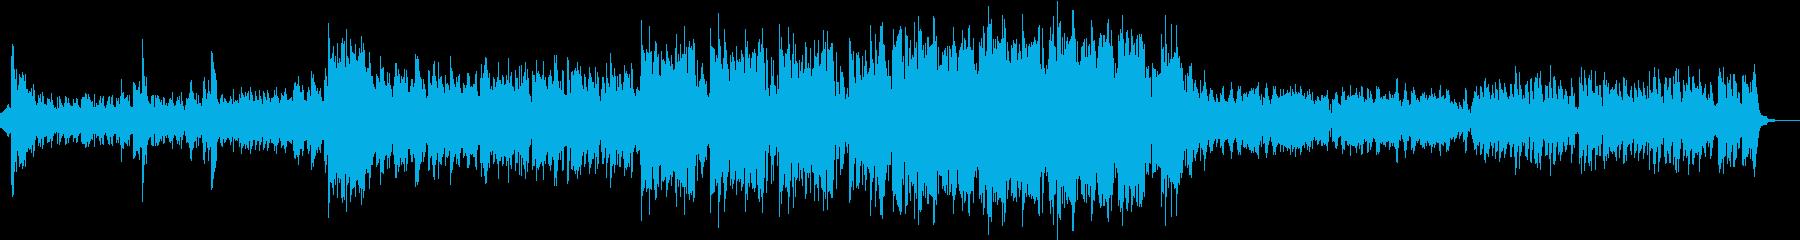 シンプルなバンド編成の曲の再生済みの波形